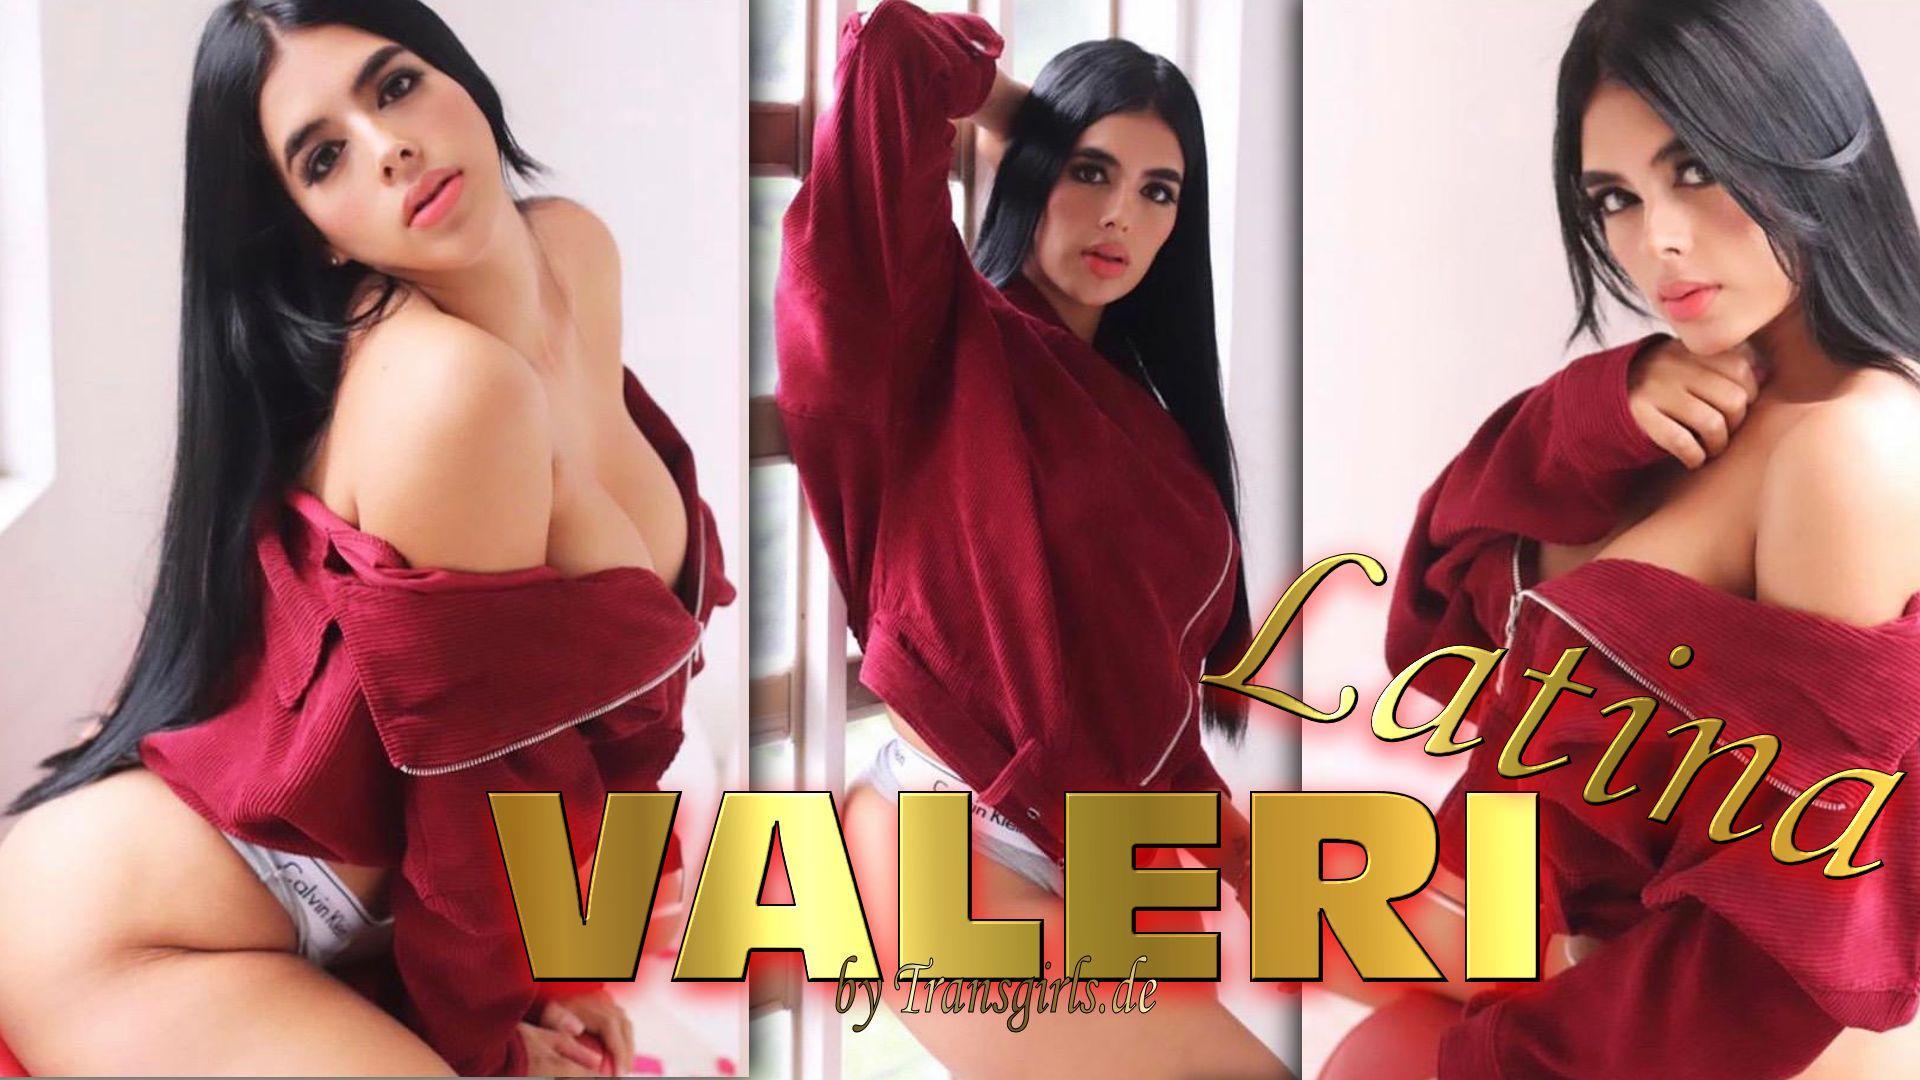 Valeri Latina Shemale in Berlin